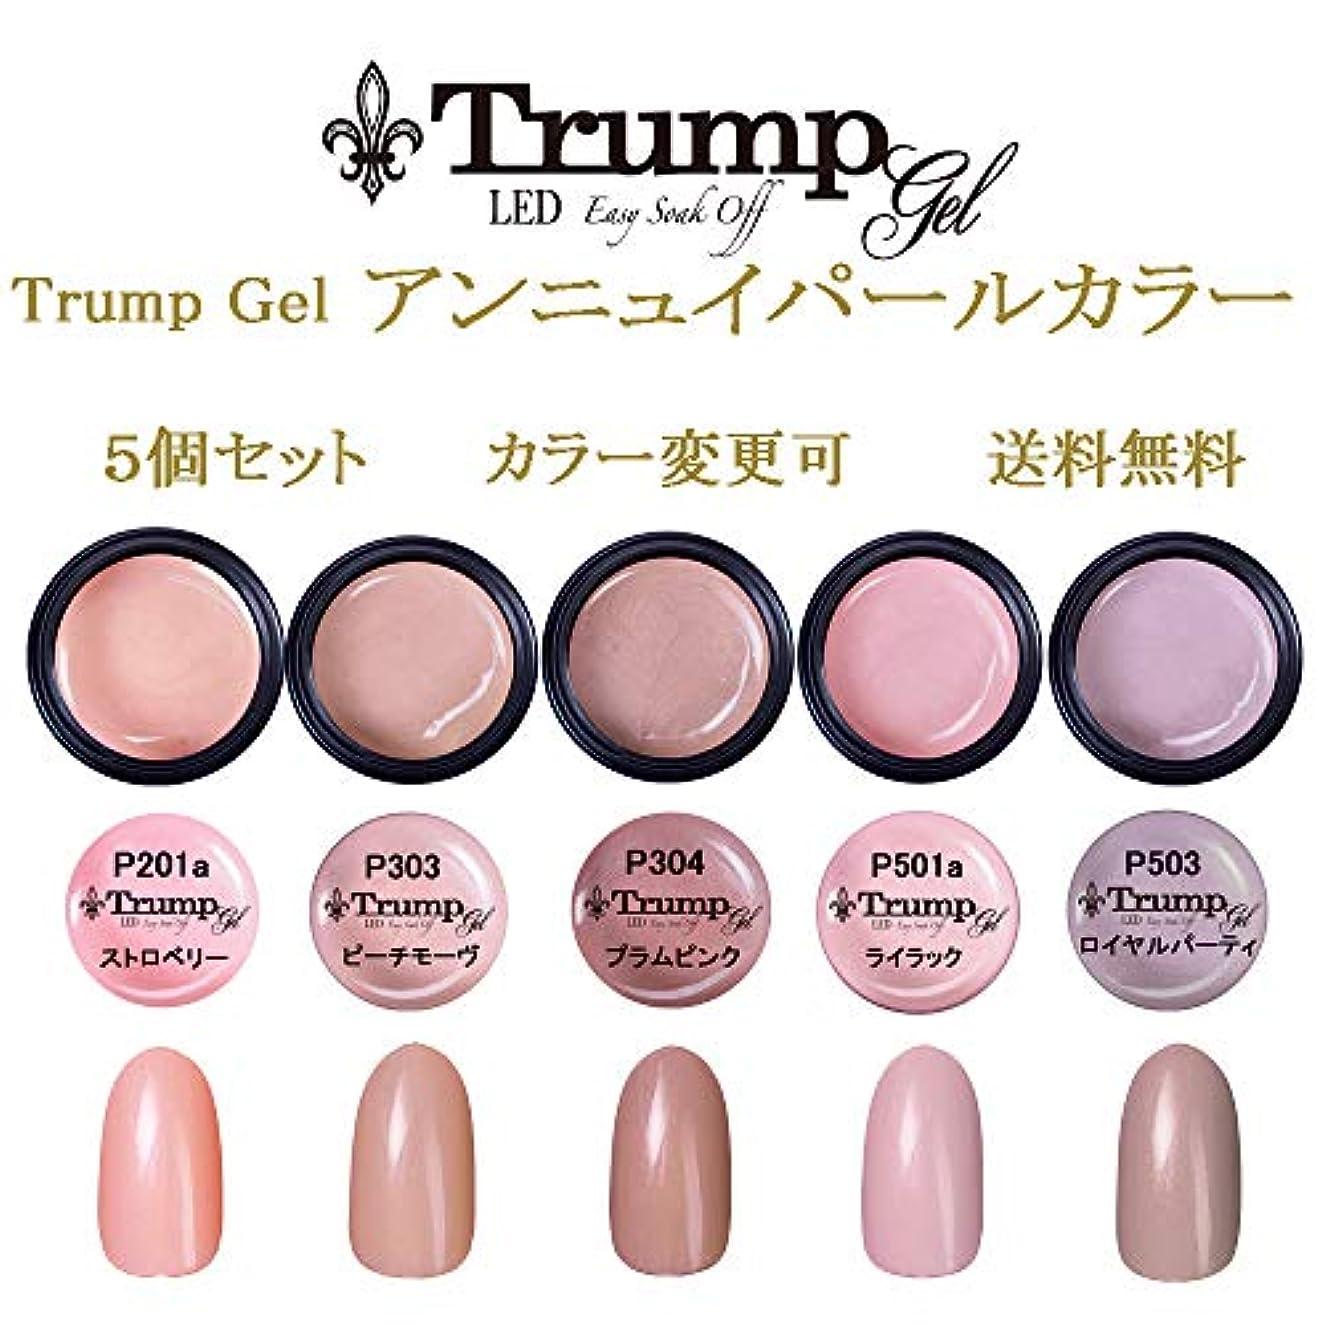 美しい南東起点日本製 Trump gel トランプジェル アンニュイ パール 選べる カラージェル 5個セット ピンク ベージュ パープル